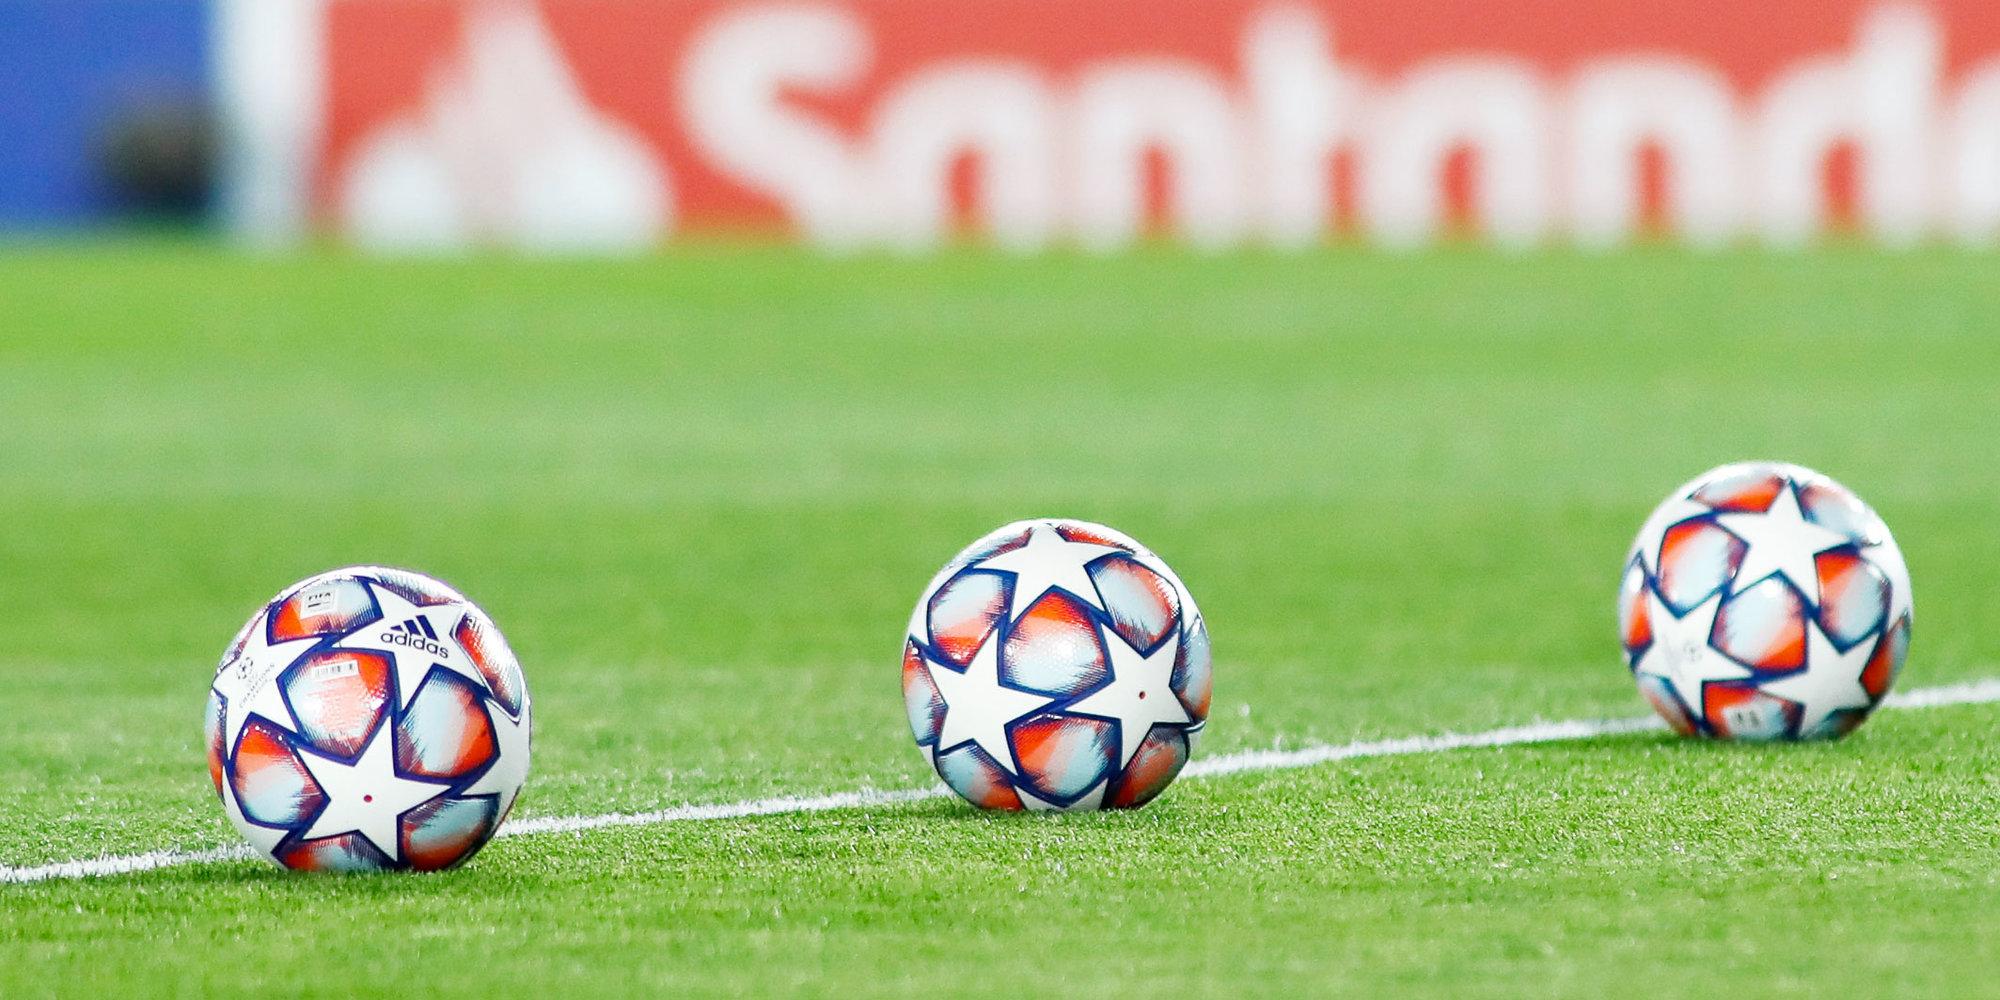 Российские клубы ни разу не победили в 14 матчах группового этапа еврокубков